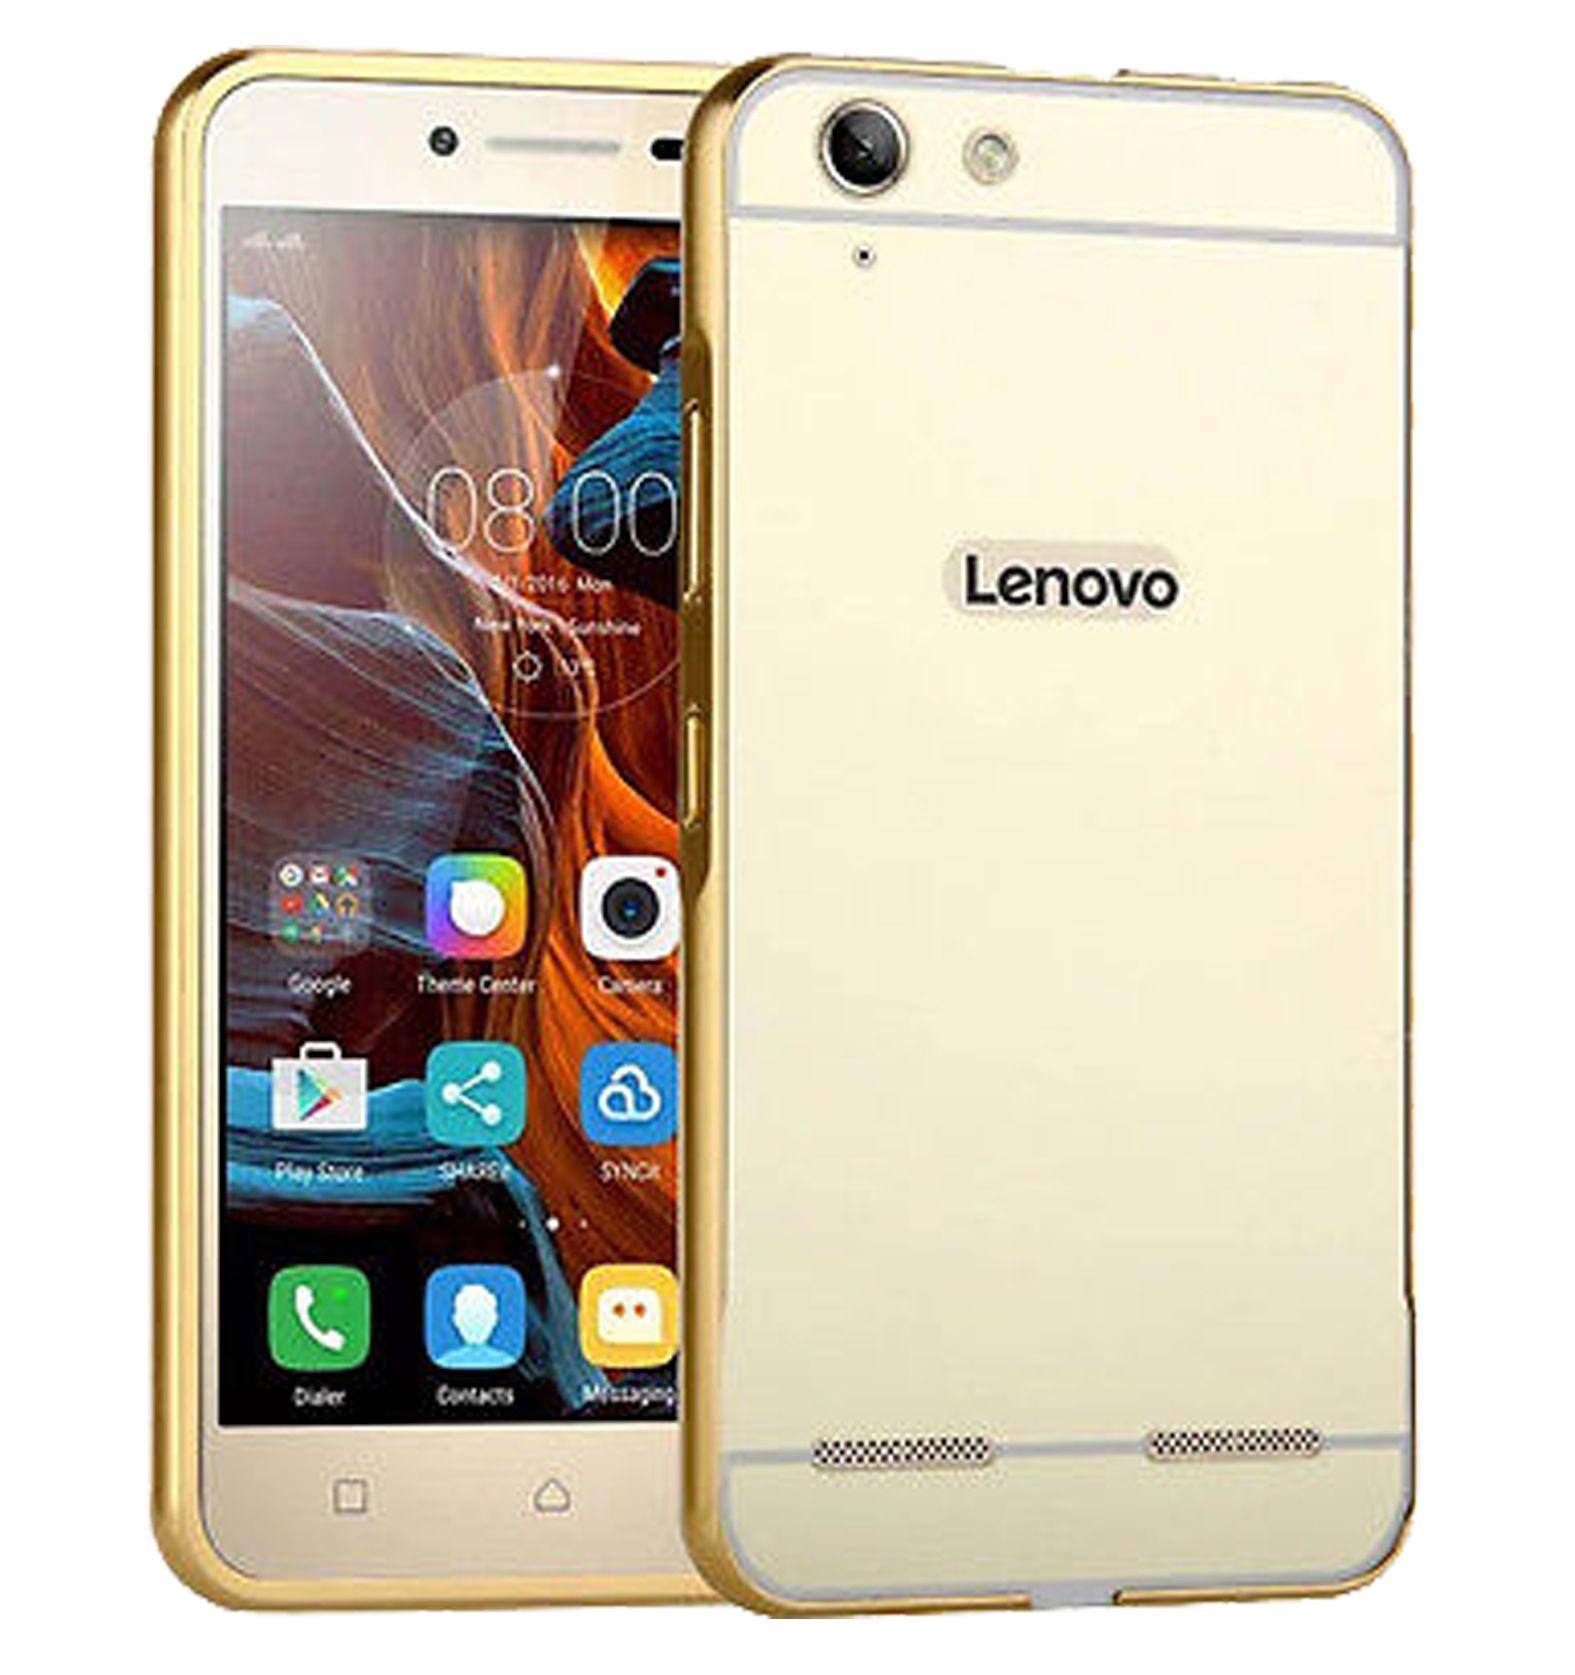 Lenovo Vibe K5 Cover by JKR - Golden